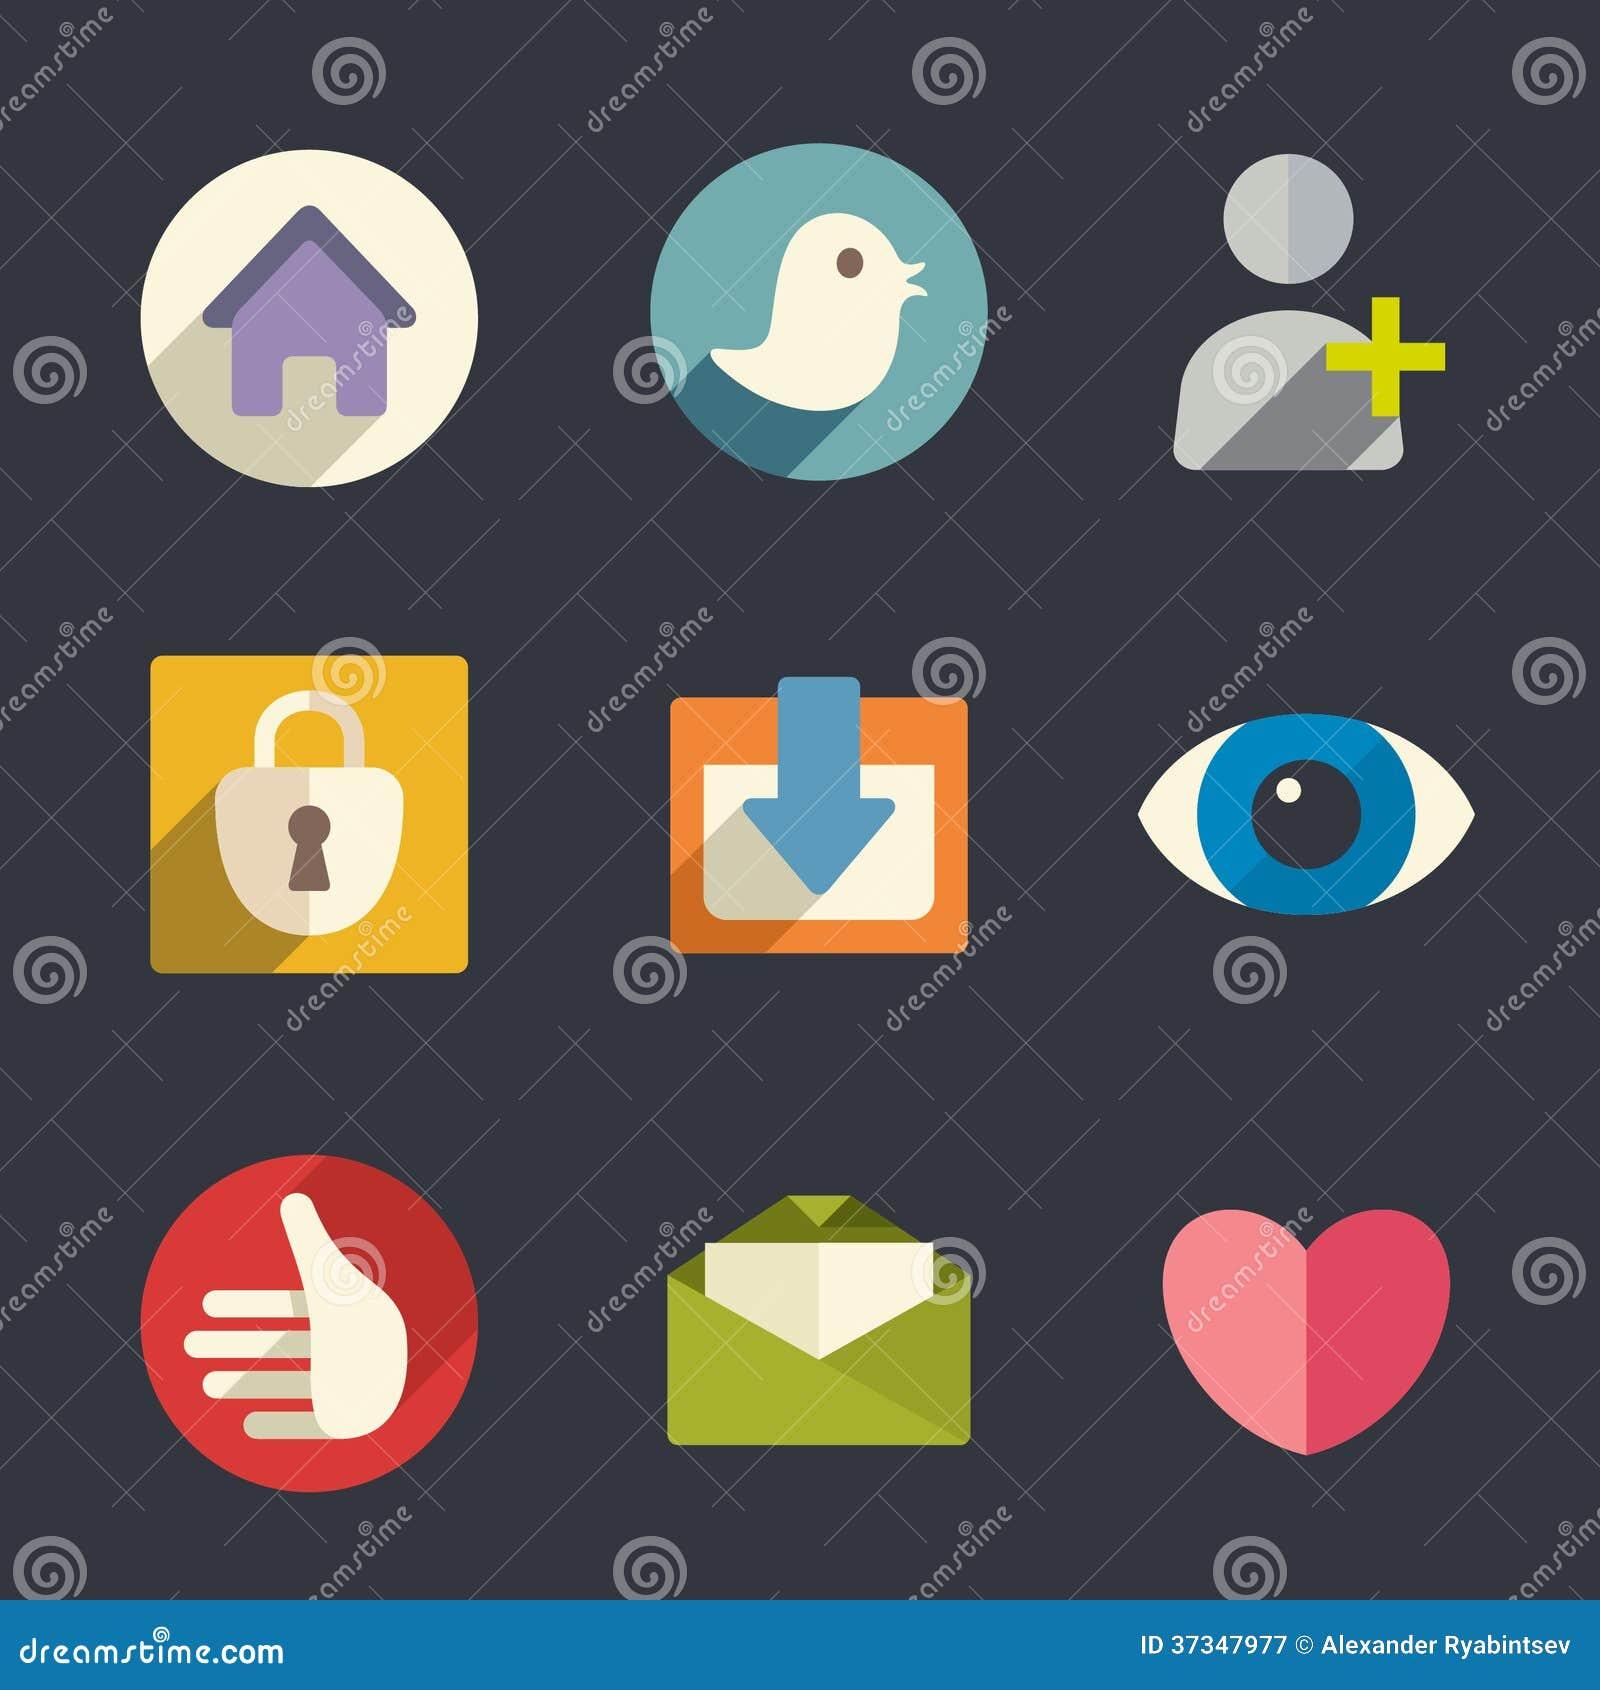 Plana symboler. Sociala medier